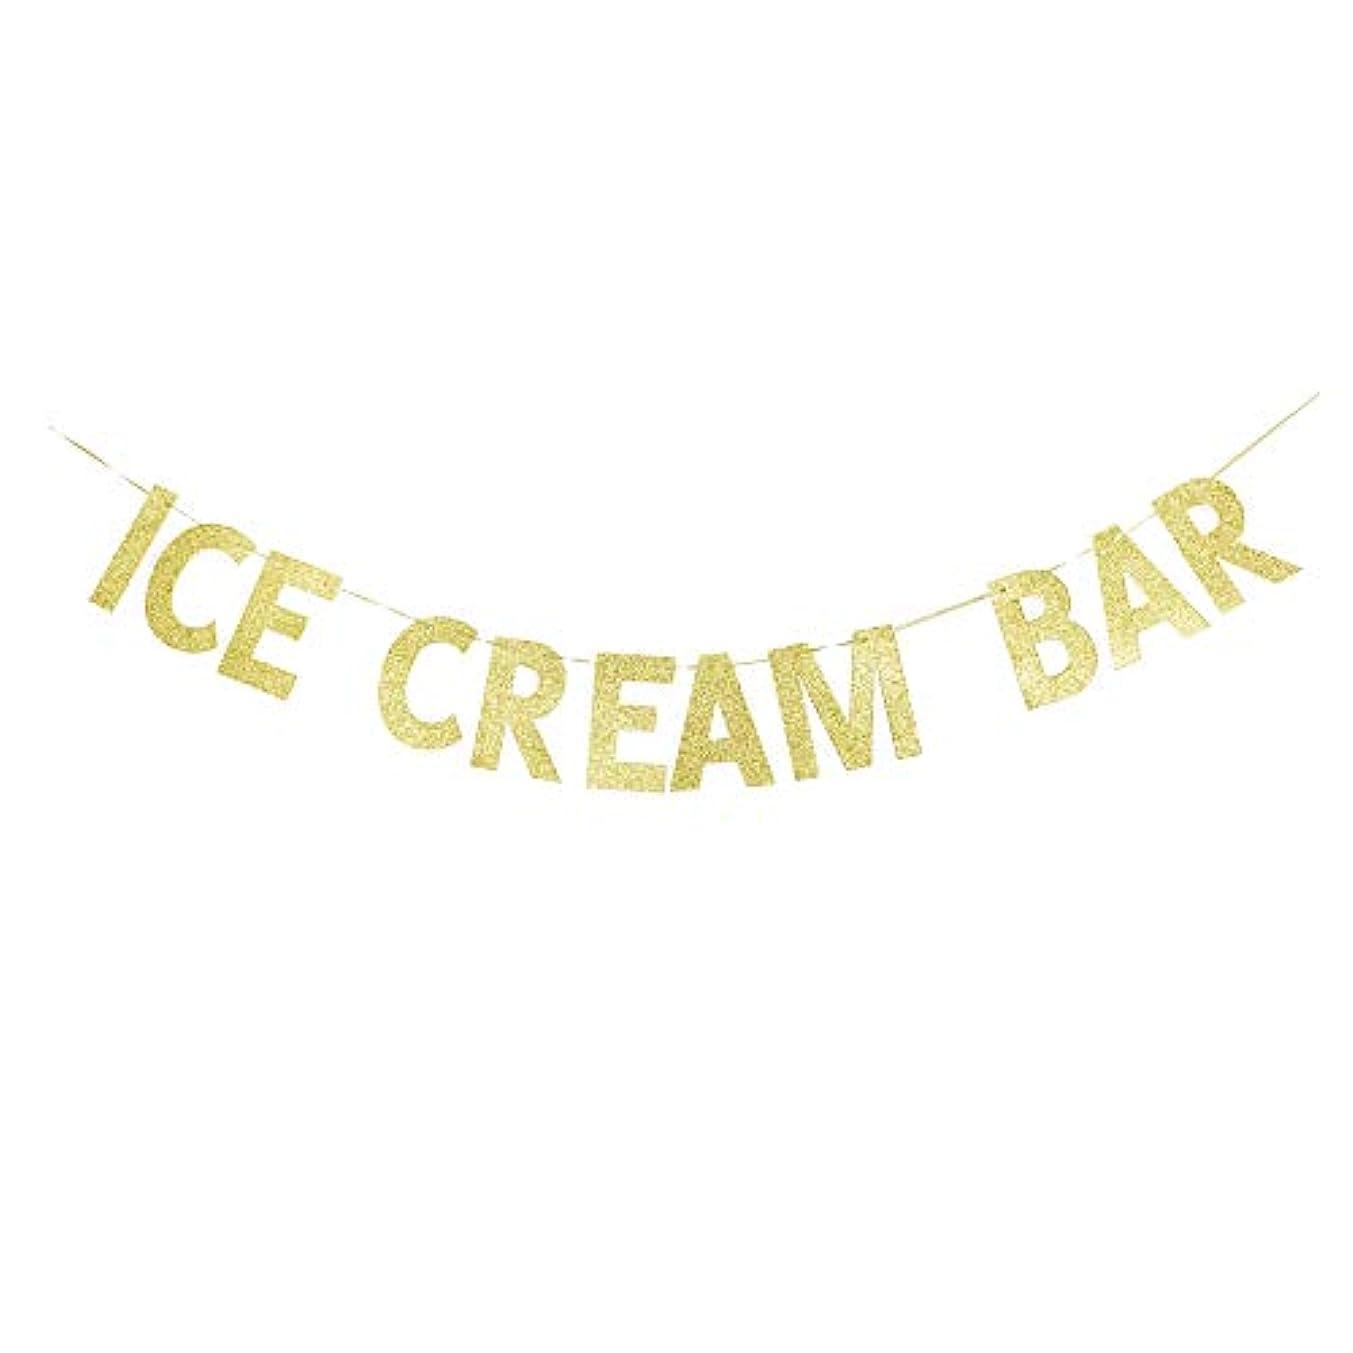 Ice Cream Bar Banner, Ice Cream Theme Party Sign, Kids/Children Birthday Decors Sign Garland Gold Gliter Paper